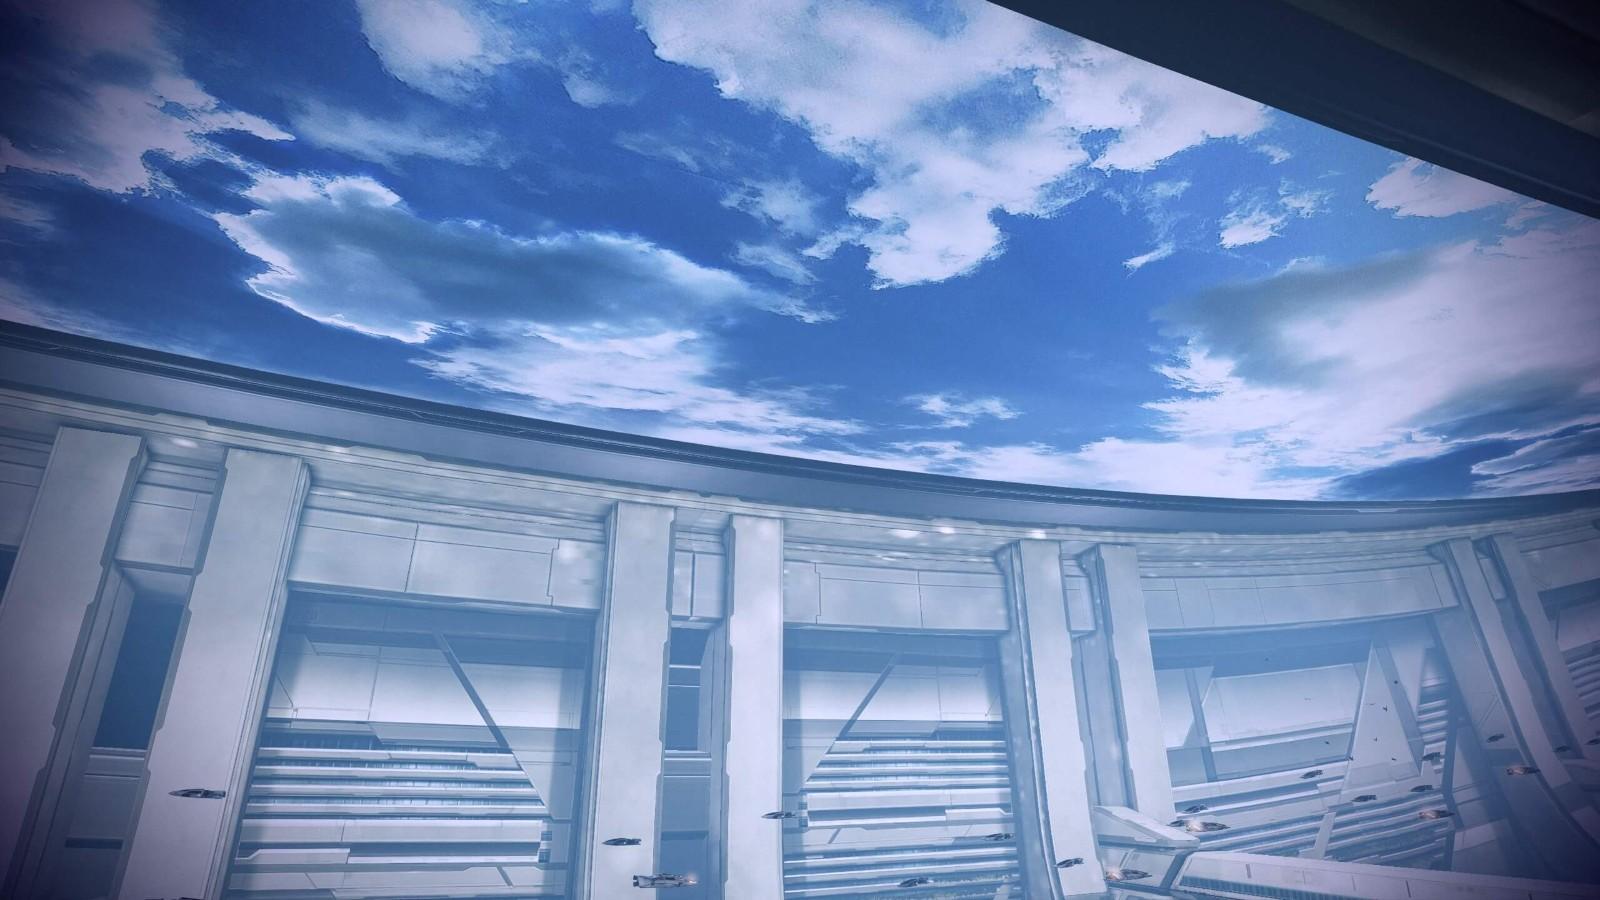 《质量效应:传奇版》最好的画质MOD发布 截图对比  第4张